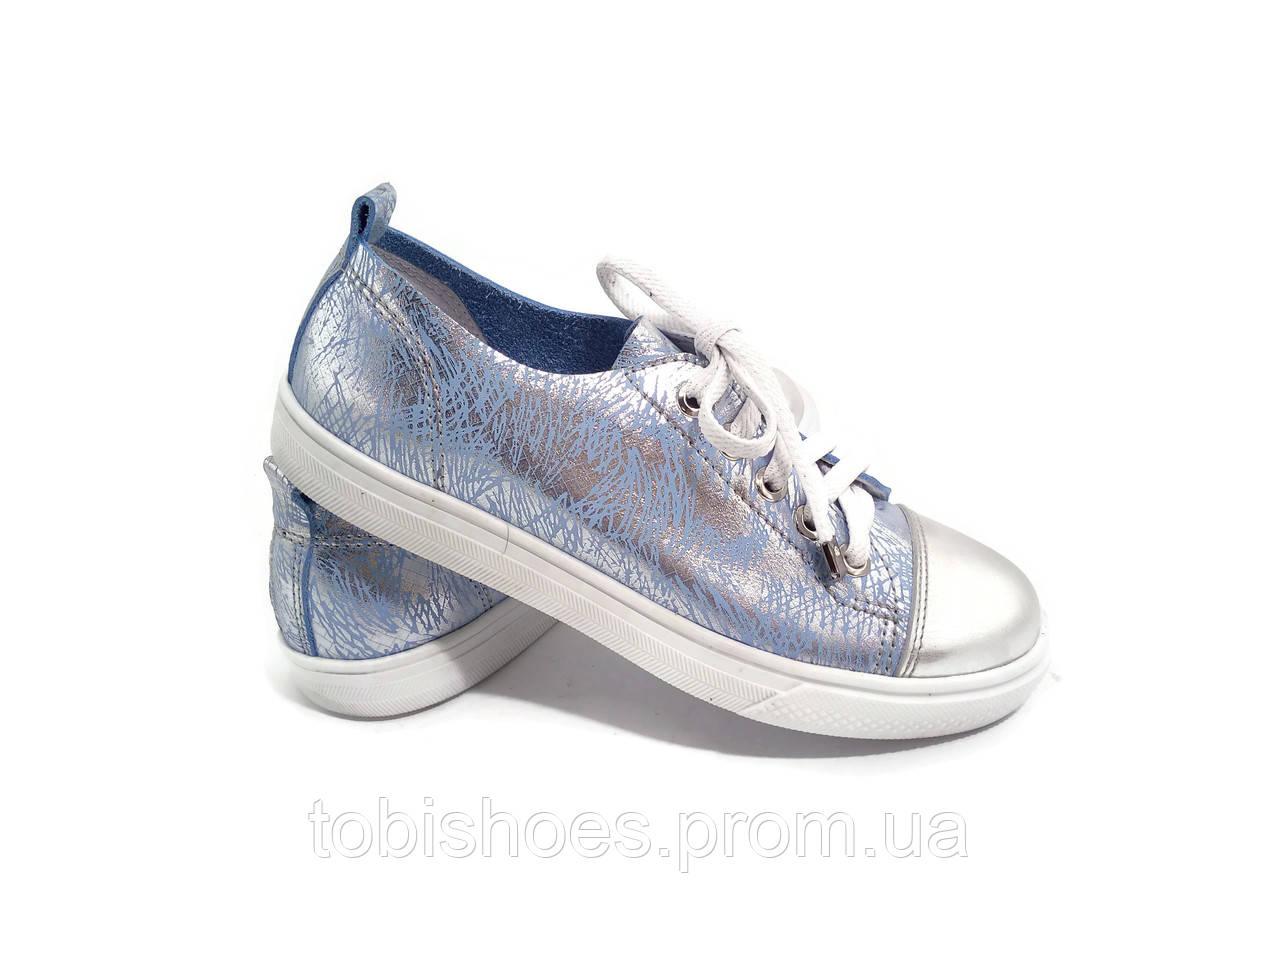 b6e52eae Голубые кожаные кеды Tobi (32-37) - Интернет-магазин детской обуви